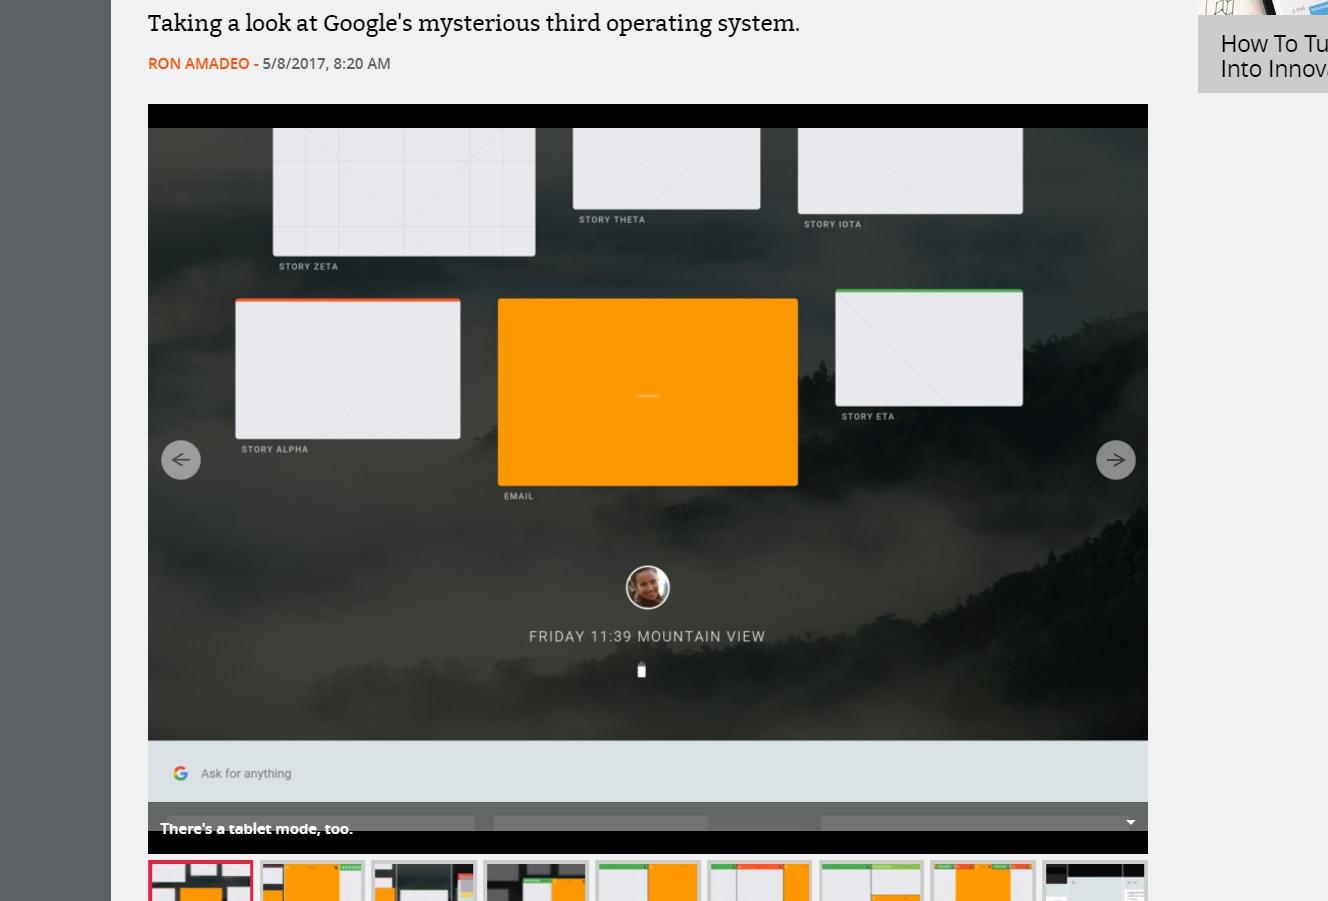 OS-et skalerer allerede til nettbrett med nye og spennende multitasking-funksjoner.